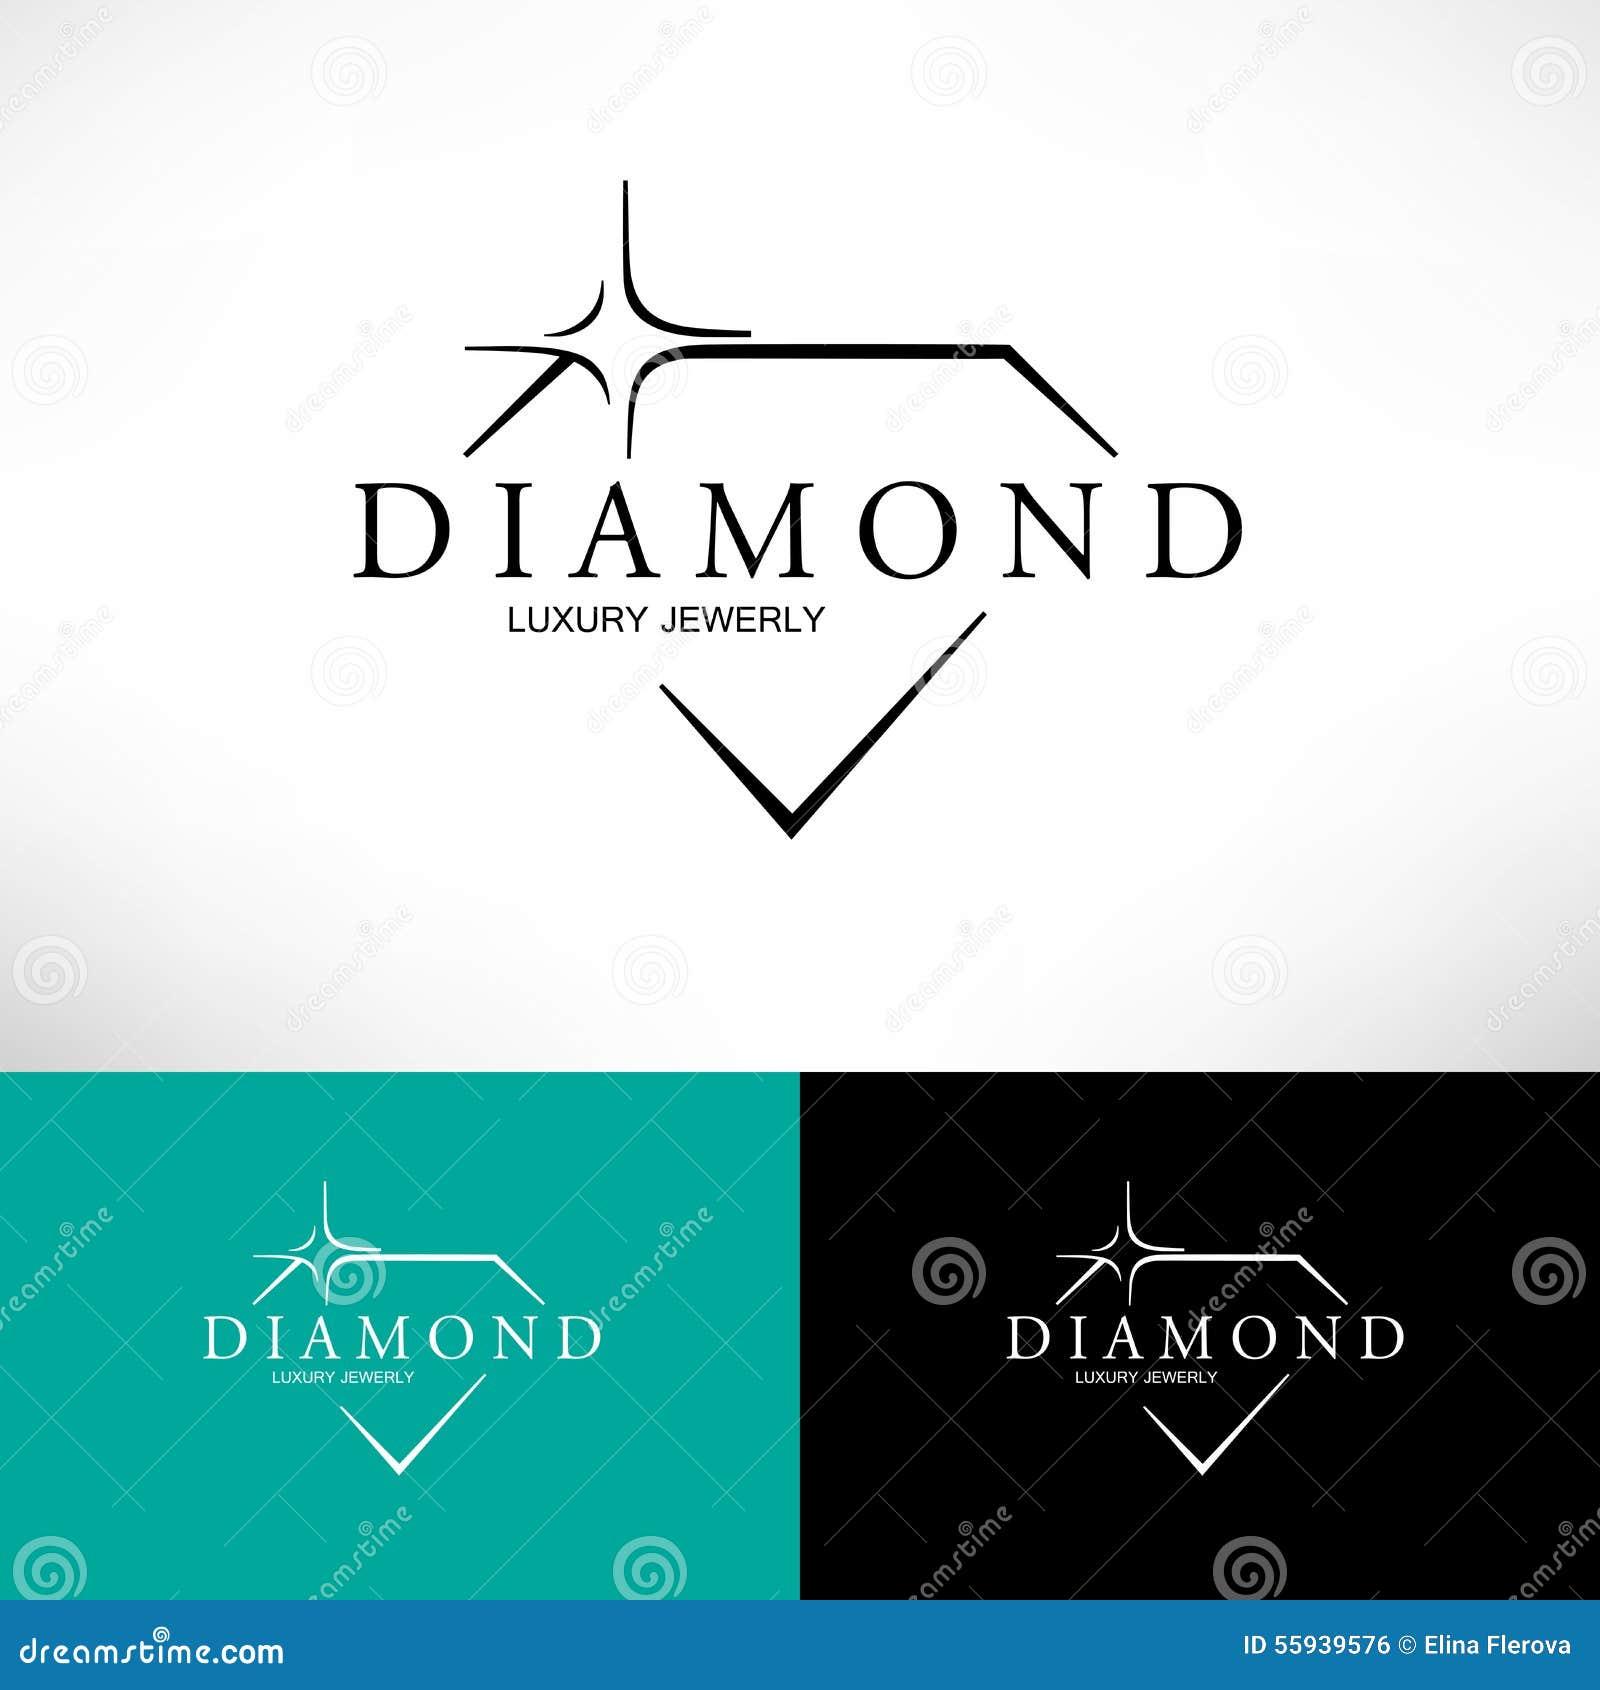 Brilliant Logo Design